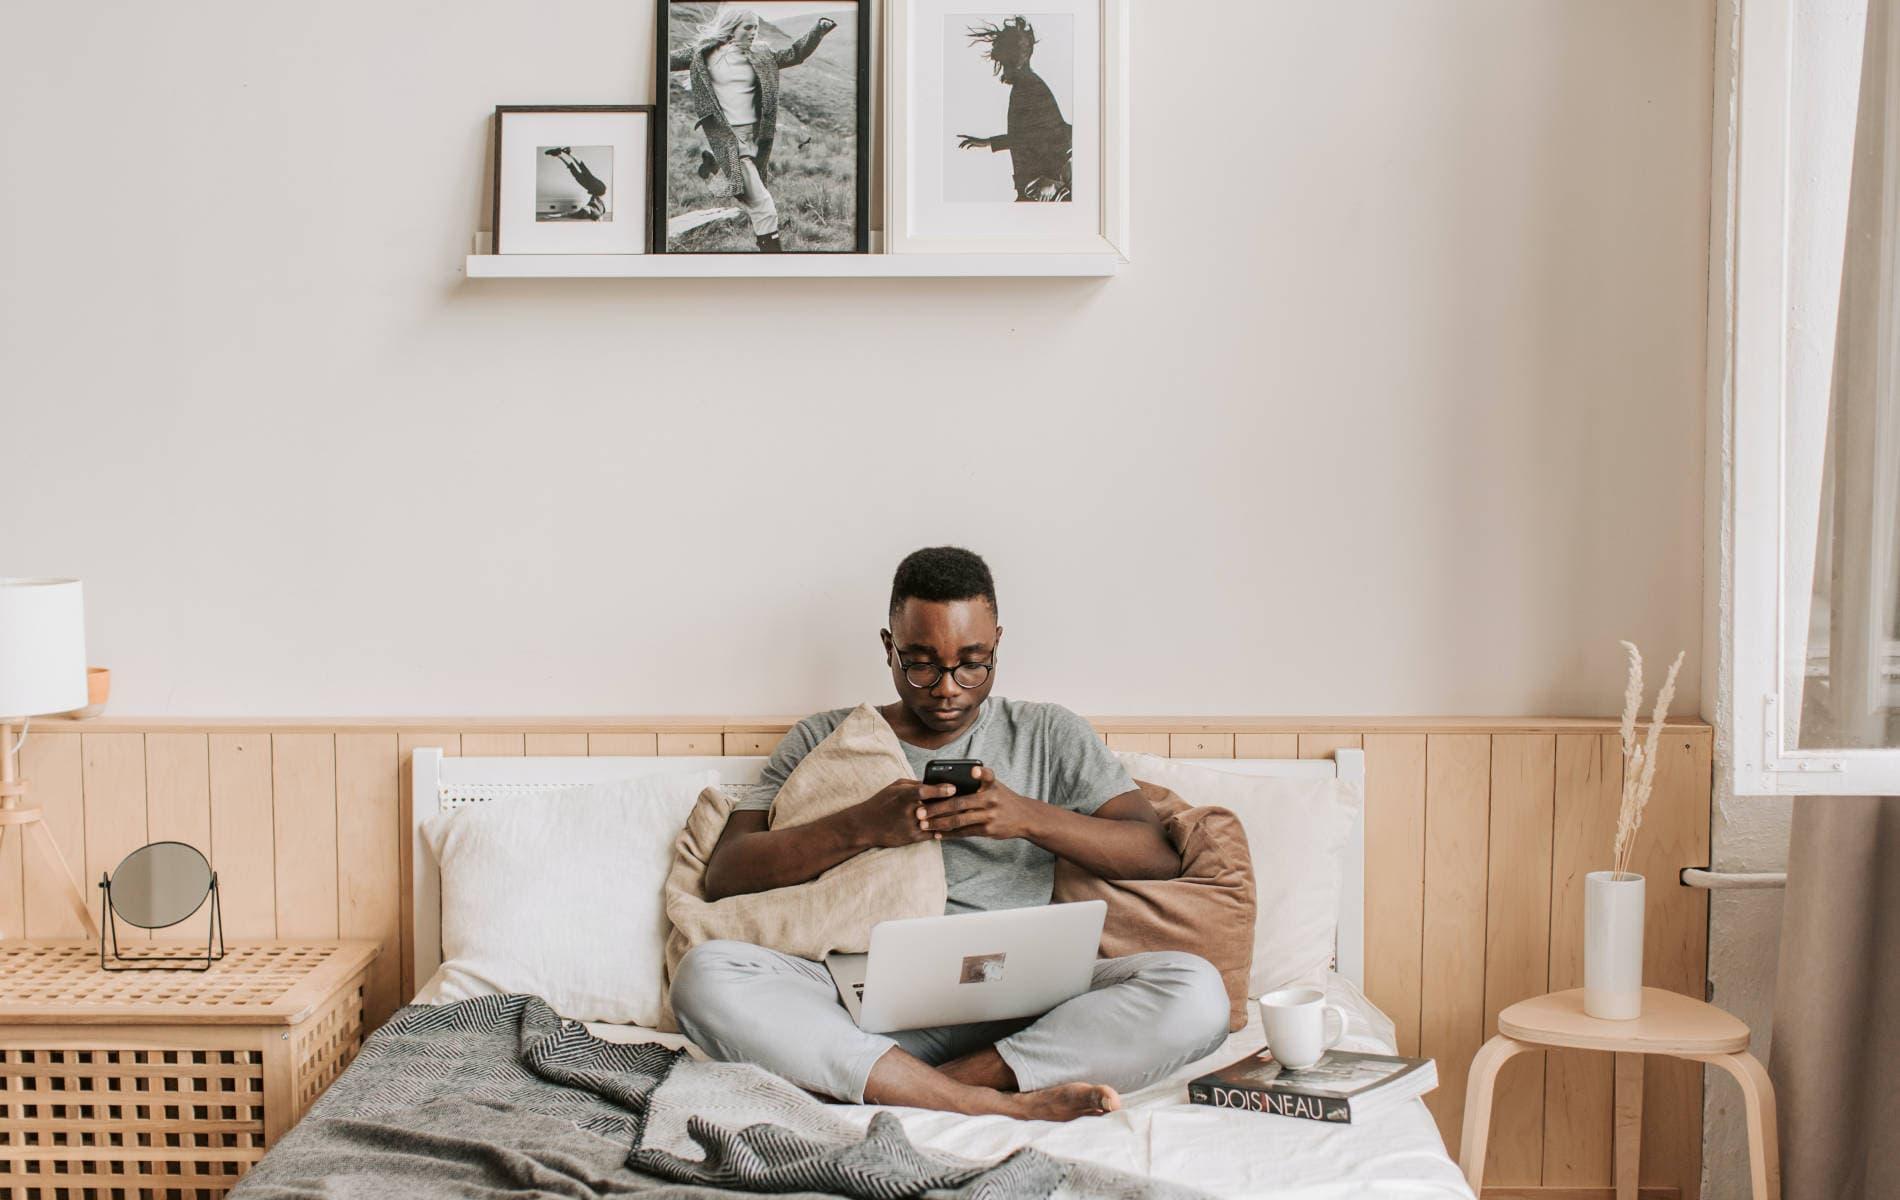 Mann sitzt im Bett vorm Handy im Home-Office